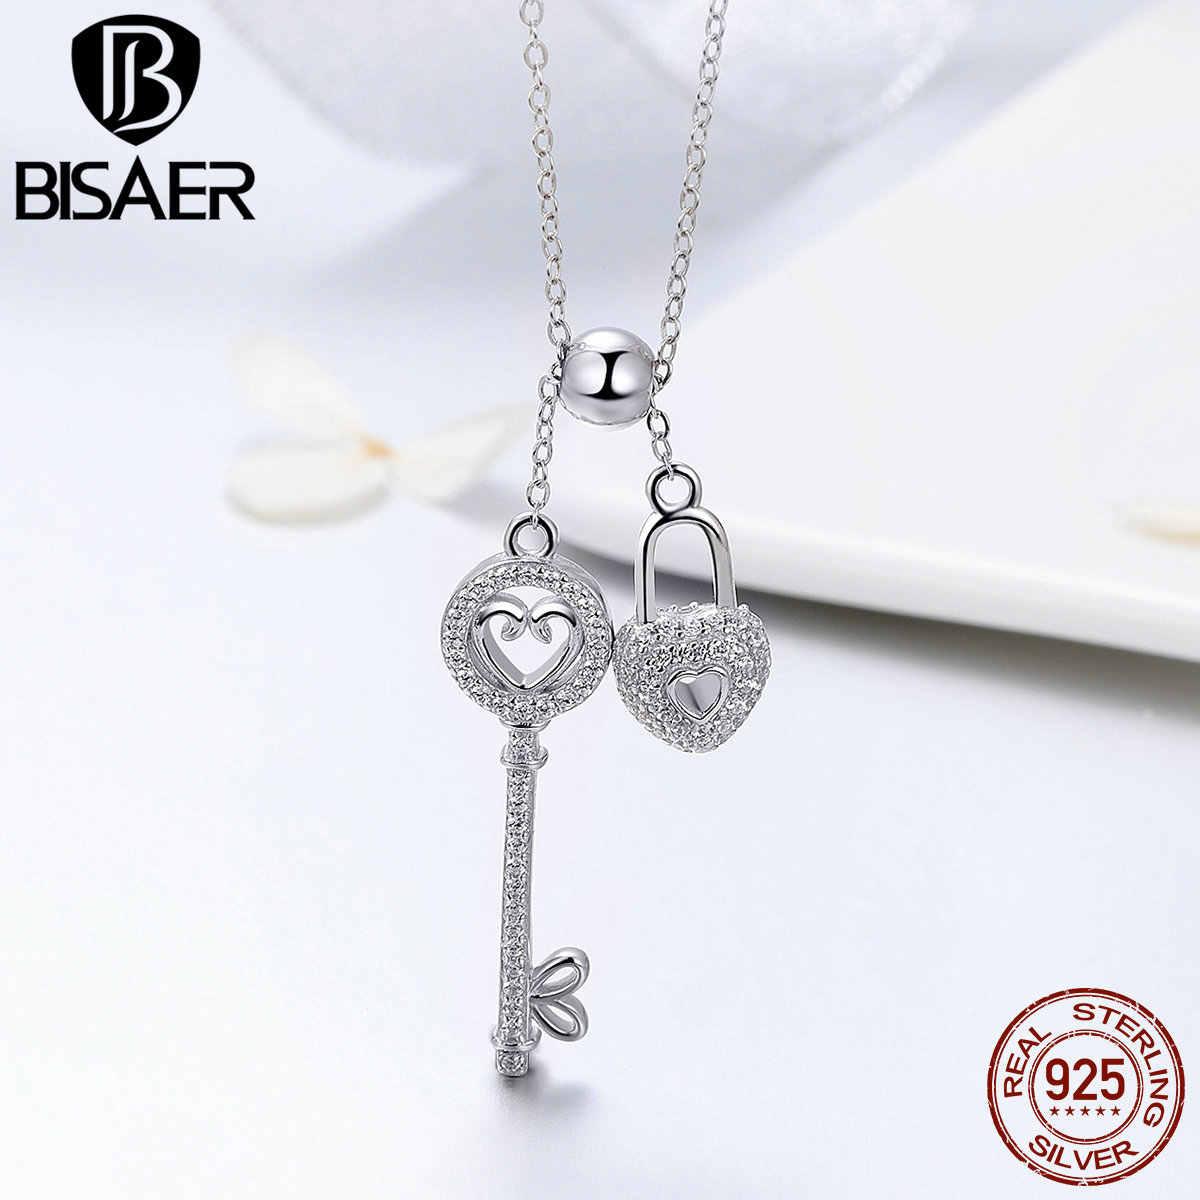 BISAER oryginalna 925 Sterling Silver klucz blokady serca naszyjnik łańcuch naszyjnik dla kobiet prezent biżuteria ślubna HSN290